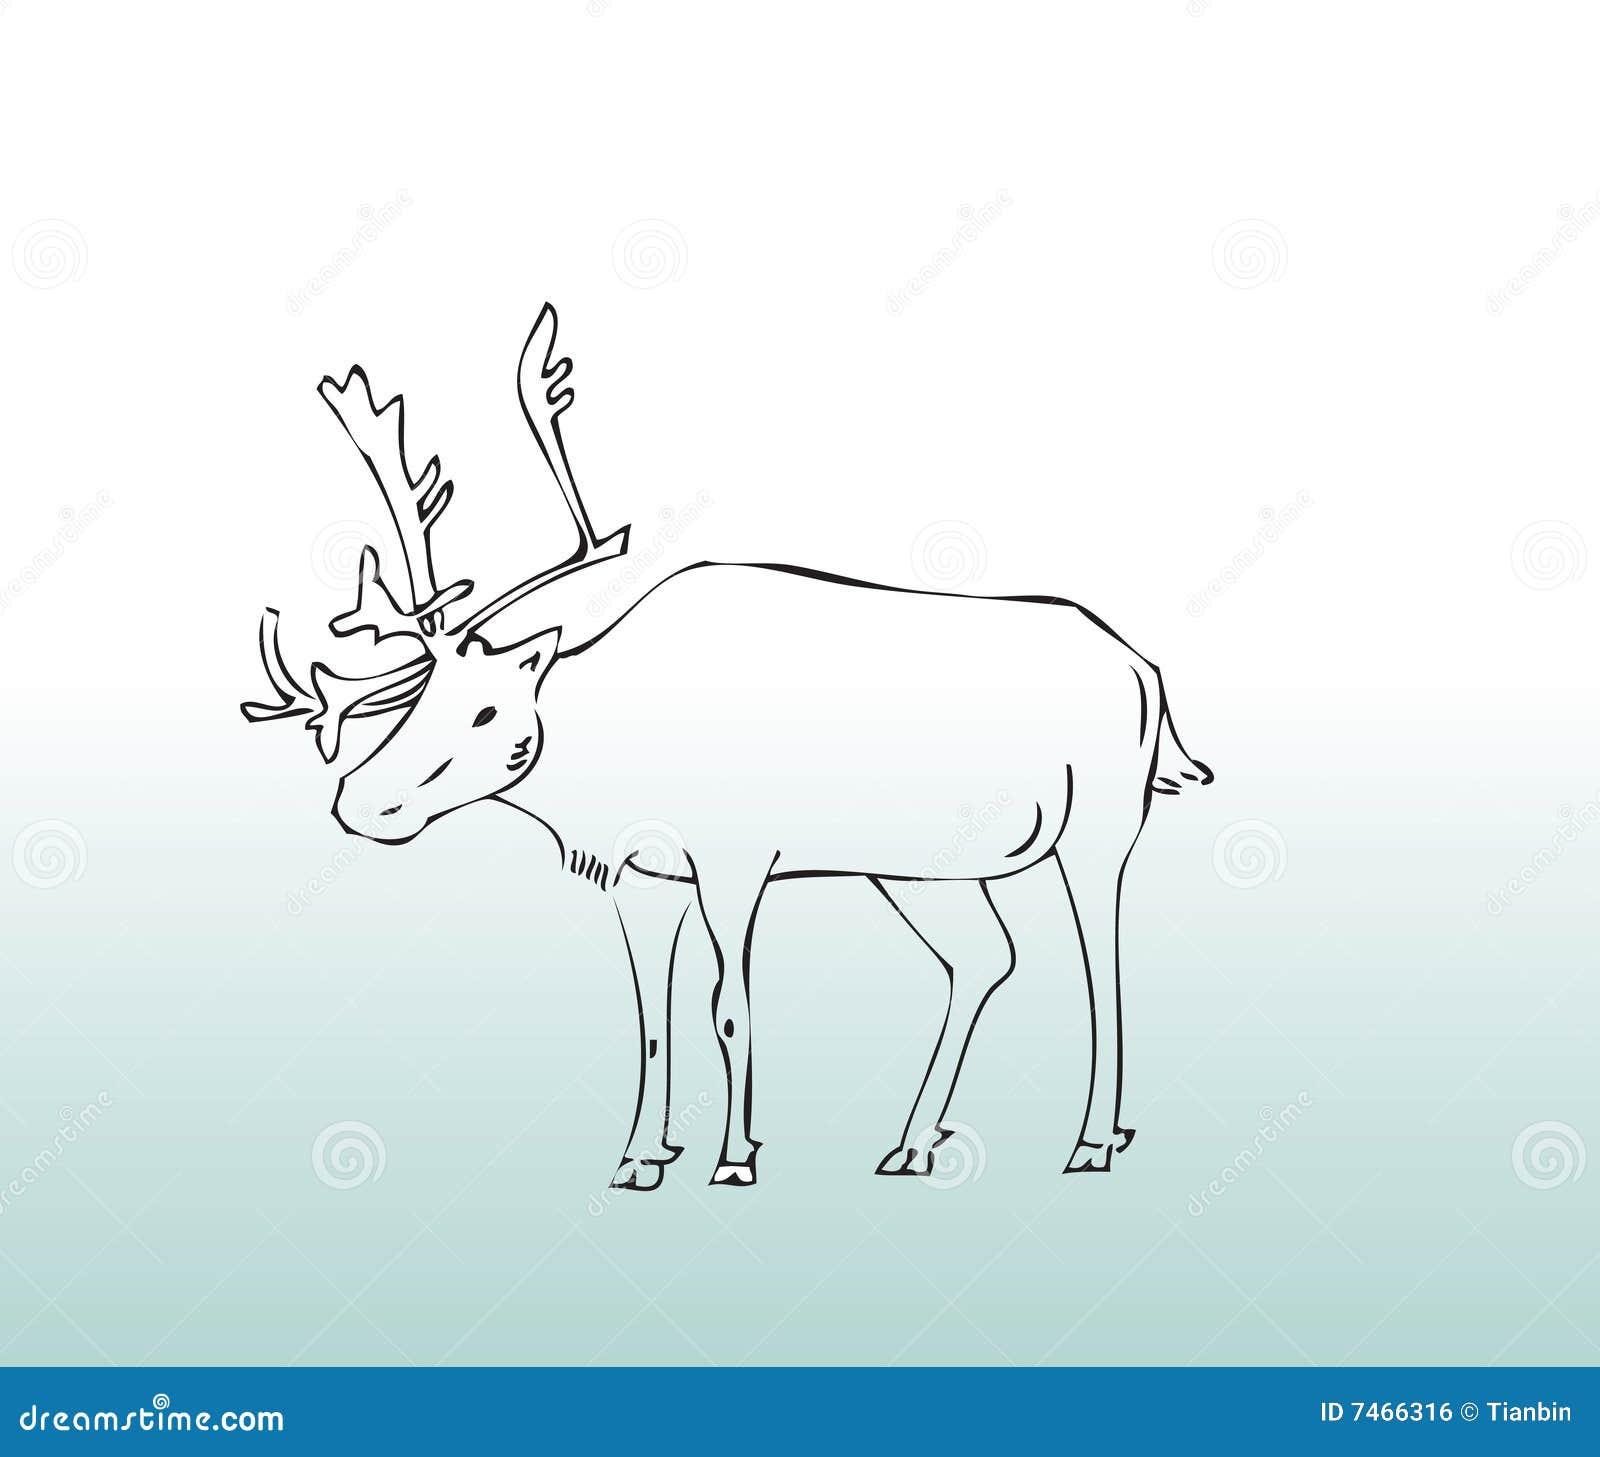 Djura hjortar tecknad hand